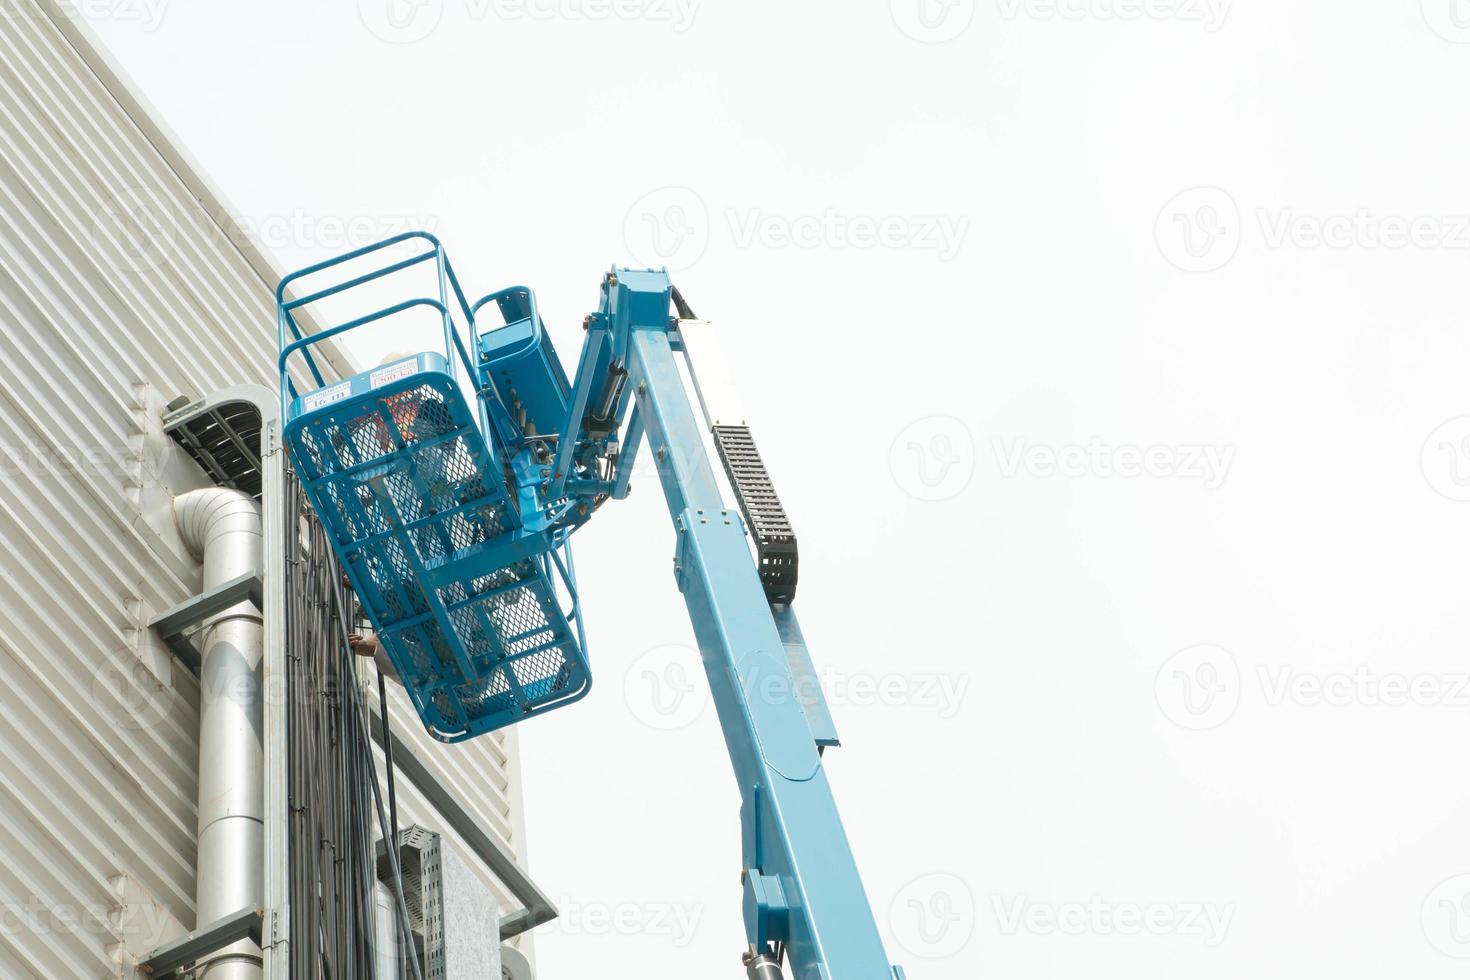 piattaforma di costruzione mobile idraulica elevata verso il blu foto